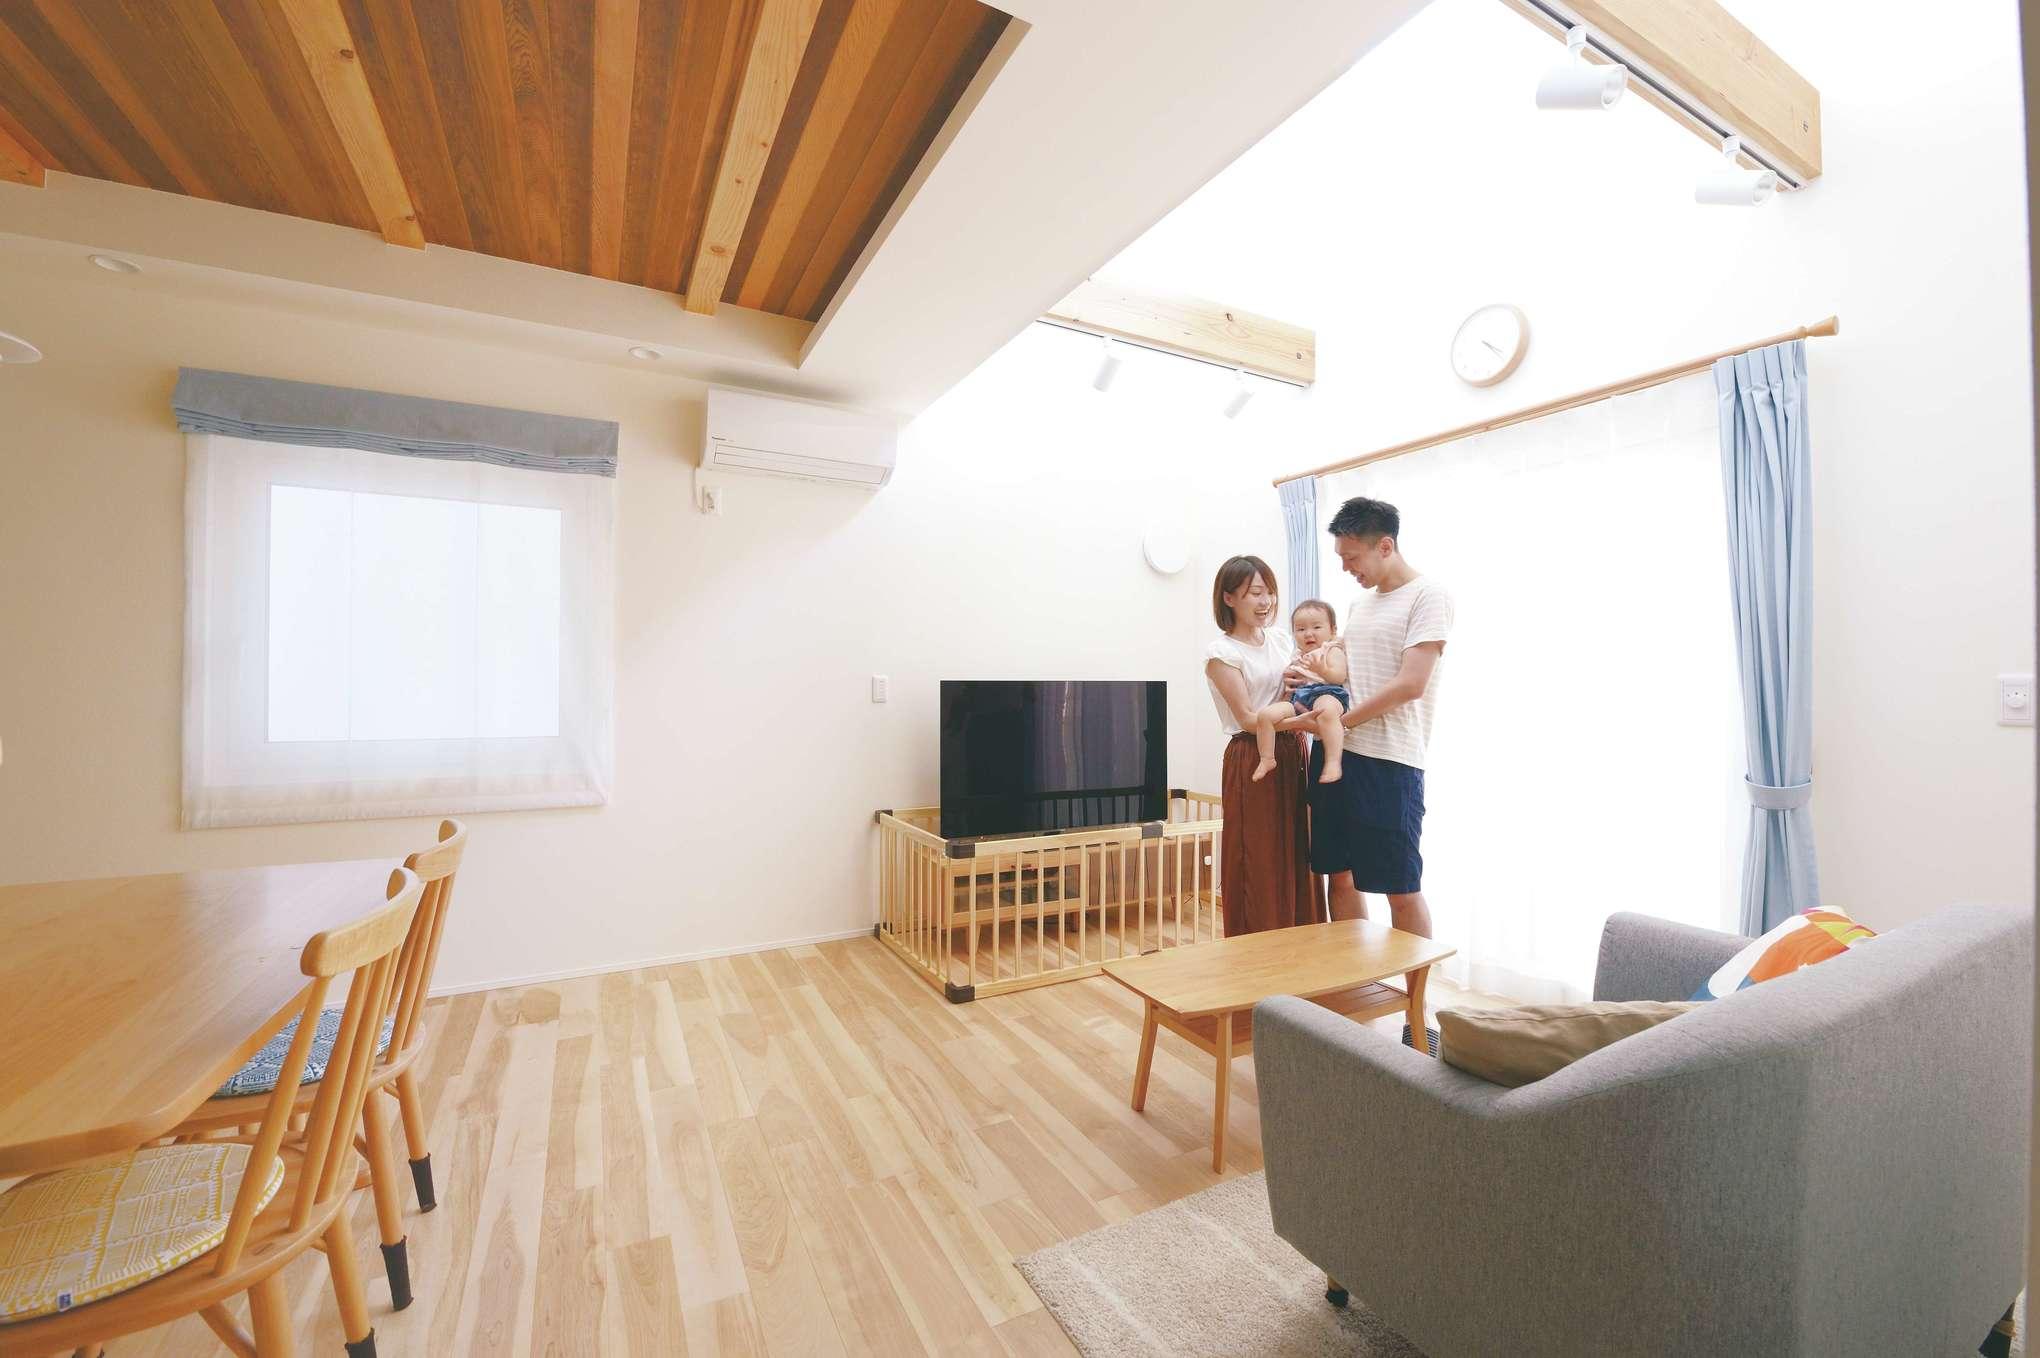 低燃費住宅 静岡(TK武田建築)【子育て、自然素材、省エネ】吹き抜けにある窓から光が降り注ぐLDK。シーリングファンを伝って風が抜け、ここにいるとまるで家が呼吸しているかのような心地よさ。壁や天井は調湿効果のある漆喰で仕上げ、カビの心配もなし。外断熱と内断熱のハイブリッド断熱により、壁内に結露が発生しないので家が長持ちする。ダイニングの天井の一部にはウェスタンレッドシダーを施し、夜には間接照明が落ち着いた雰囲気を演出する。裸足でも気持ち良く過ごせるよう床材に無垢のカバザクラを採用